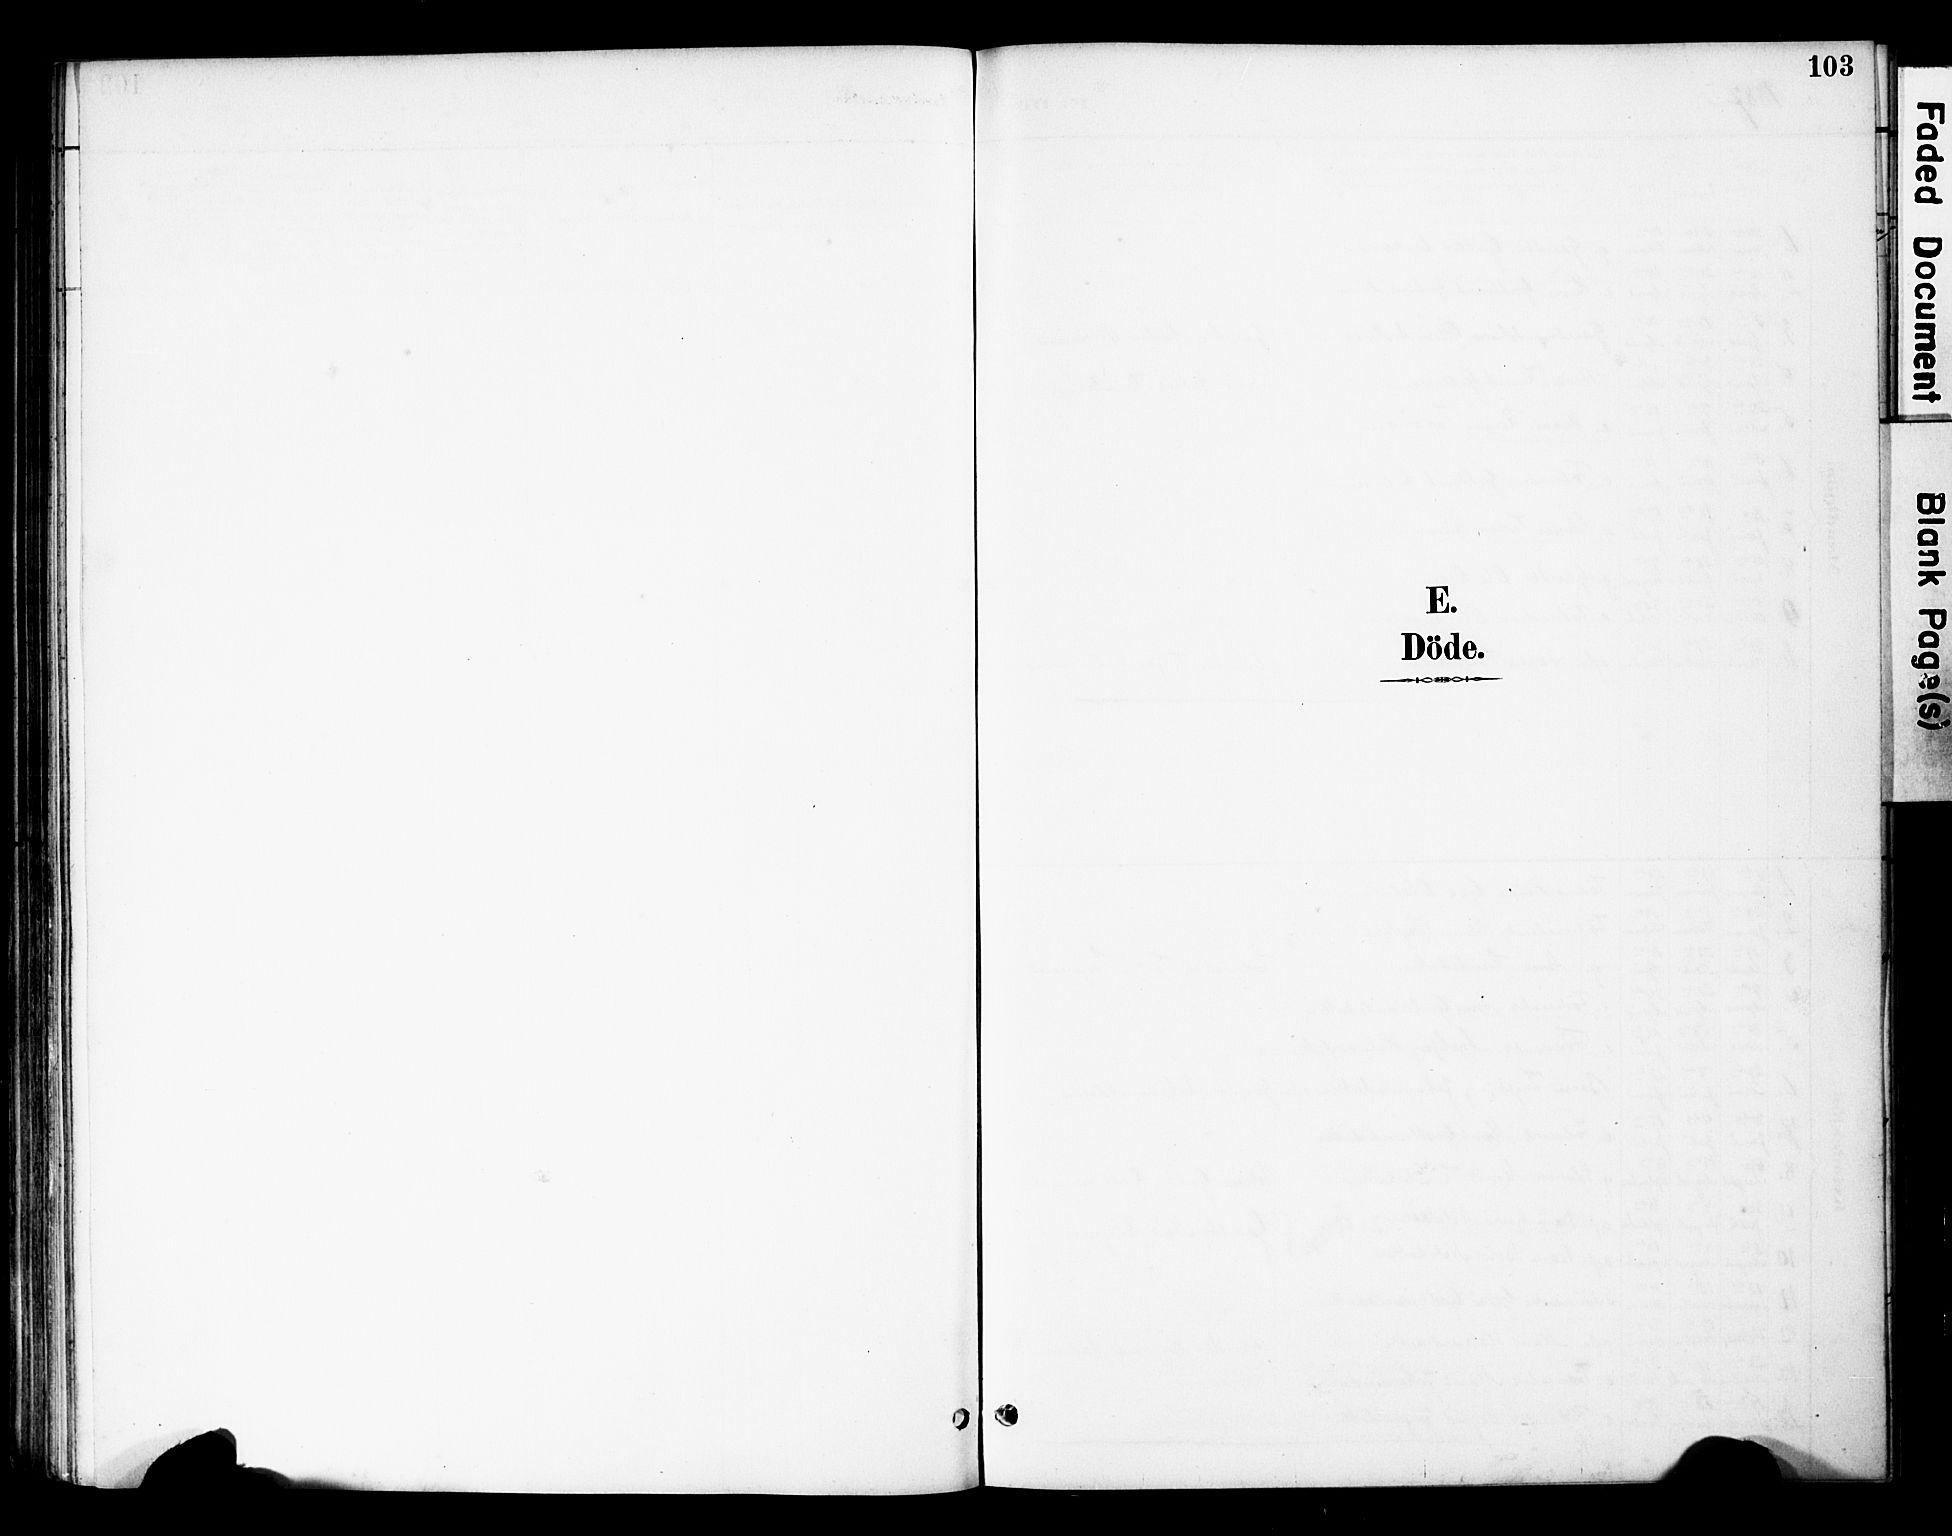 SAH, Øystre Slidre prestekontor, Ministerialbok nr. 4, 1887-1910, s. 103